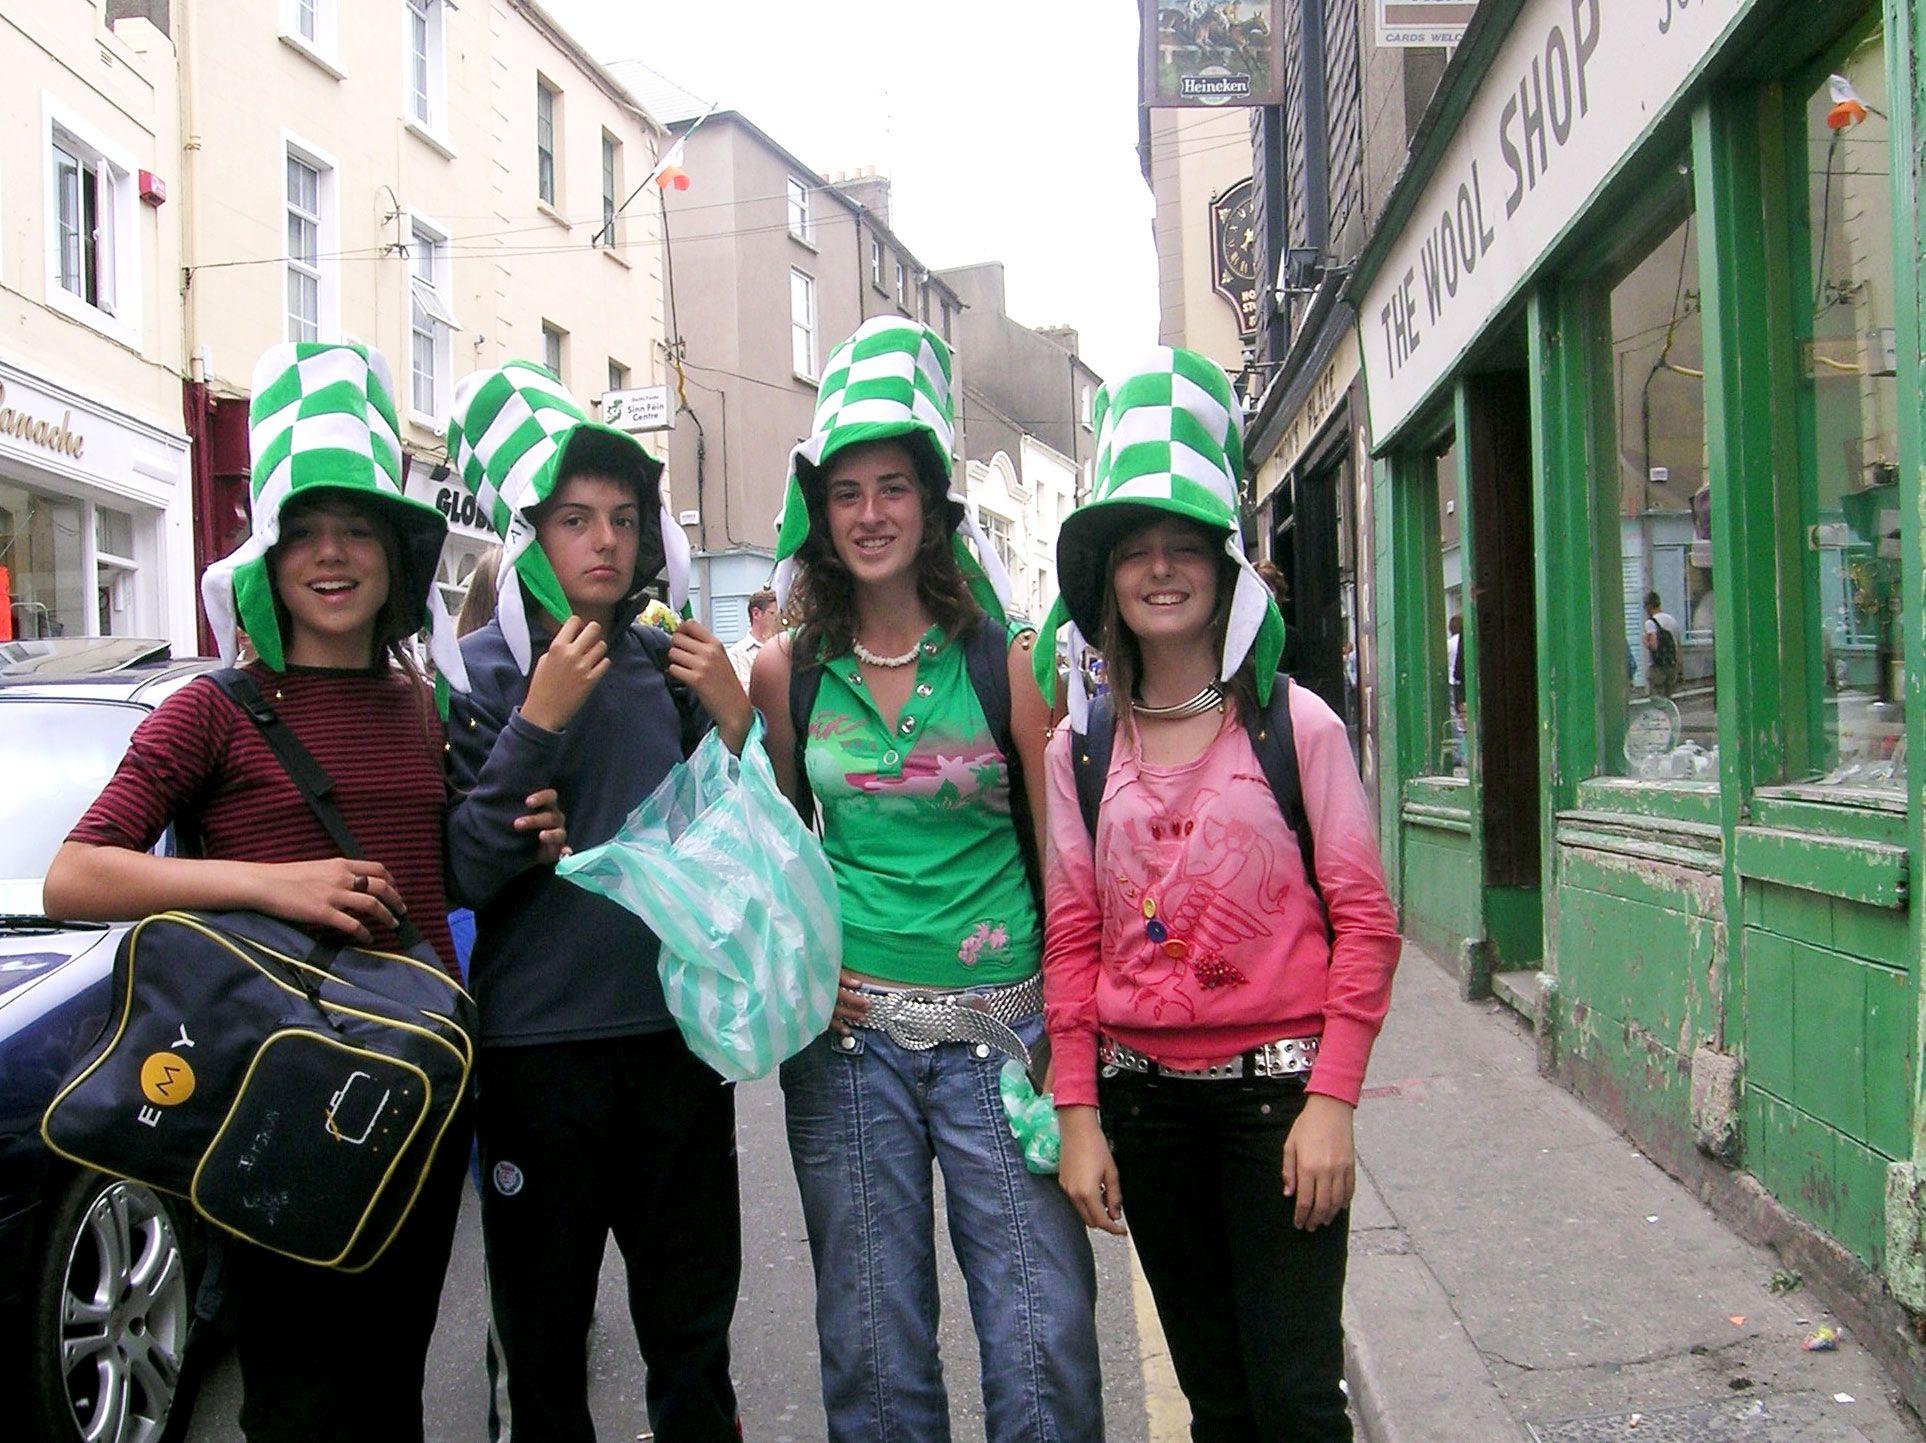 EMY Cursos en el extranjero en Irlanda. Dublín. 2006